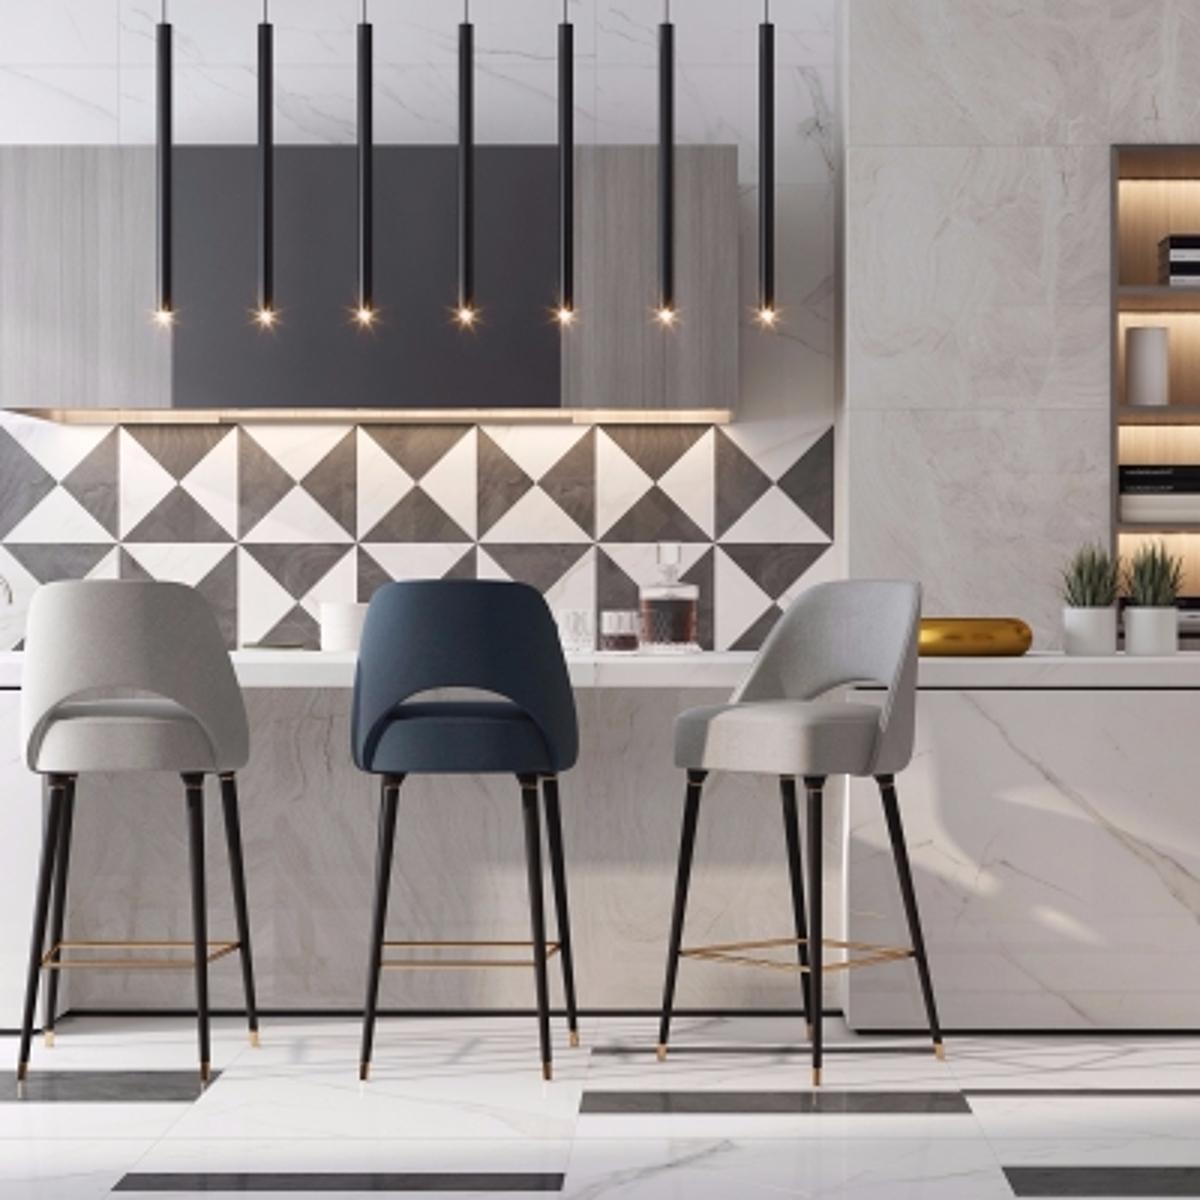 cg240现代厨房橱柜吧椅吊灯组合模型